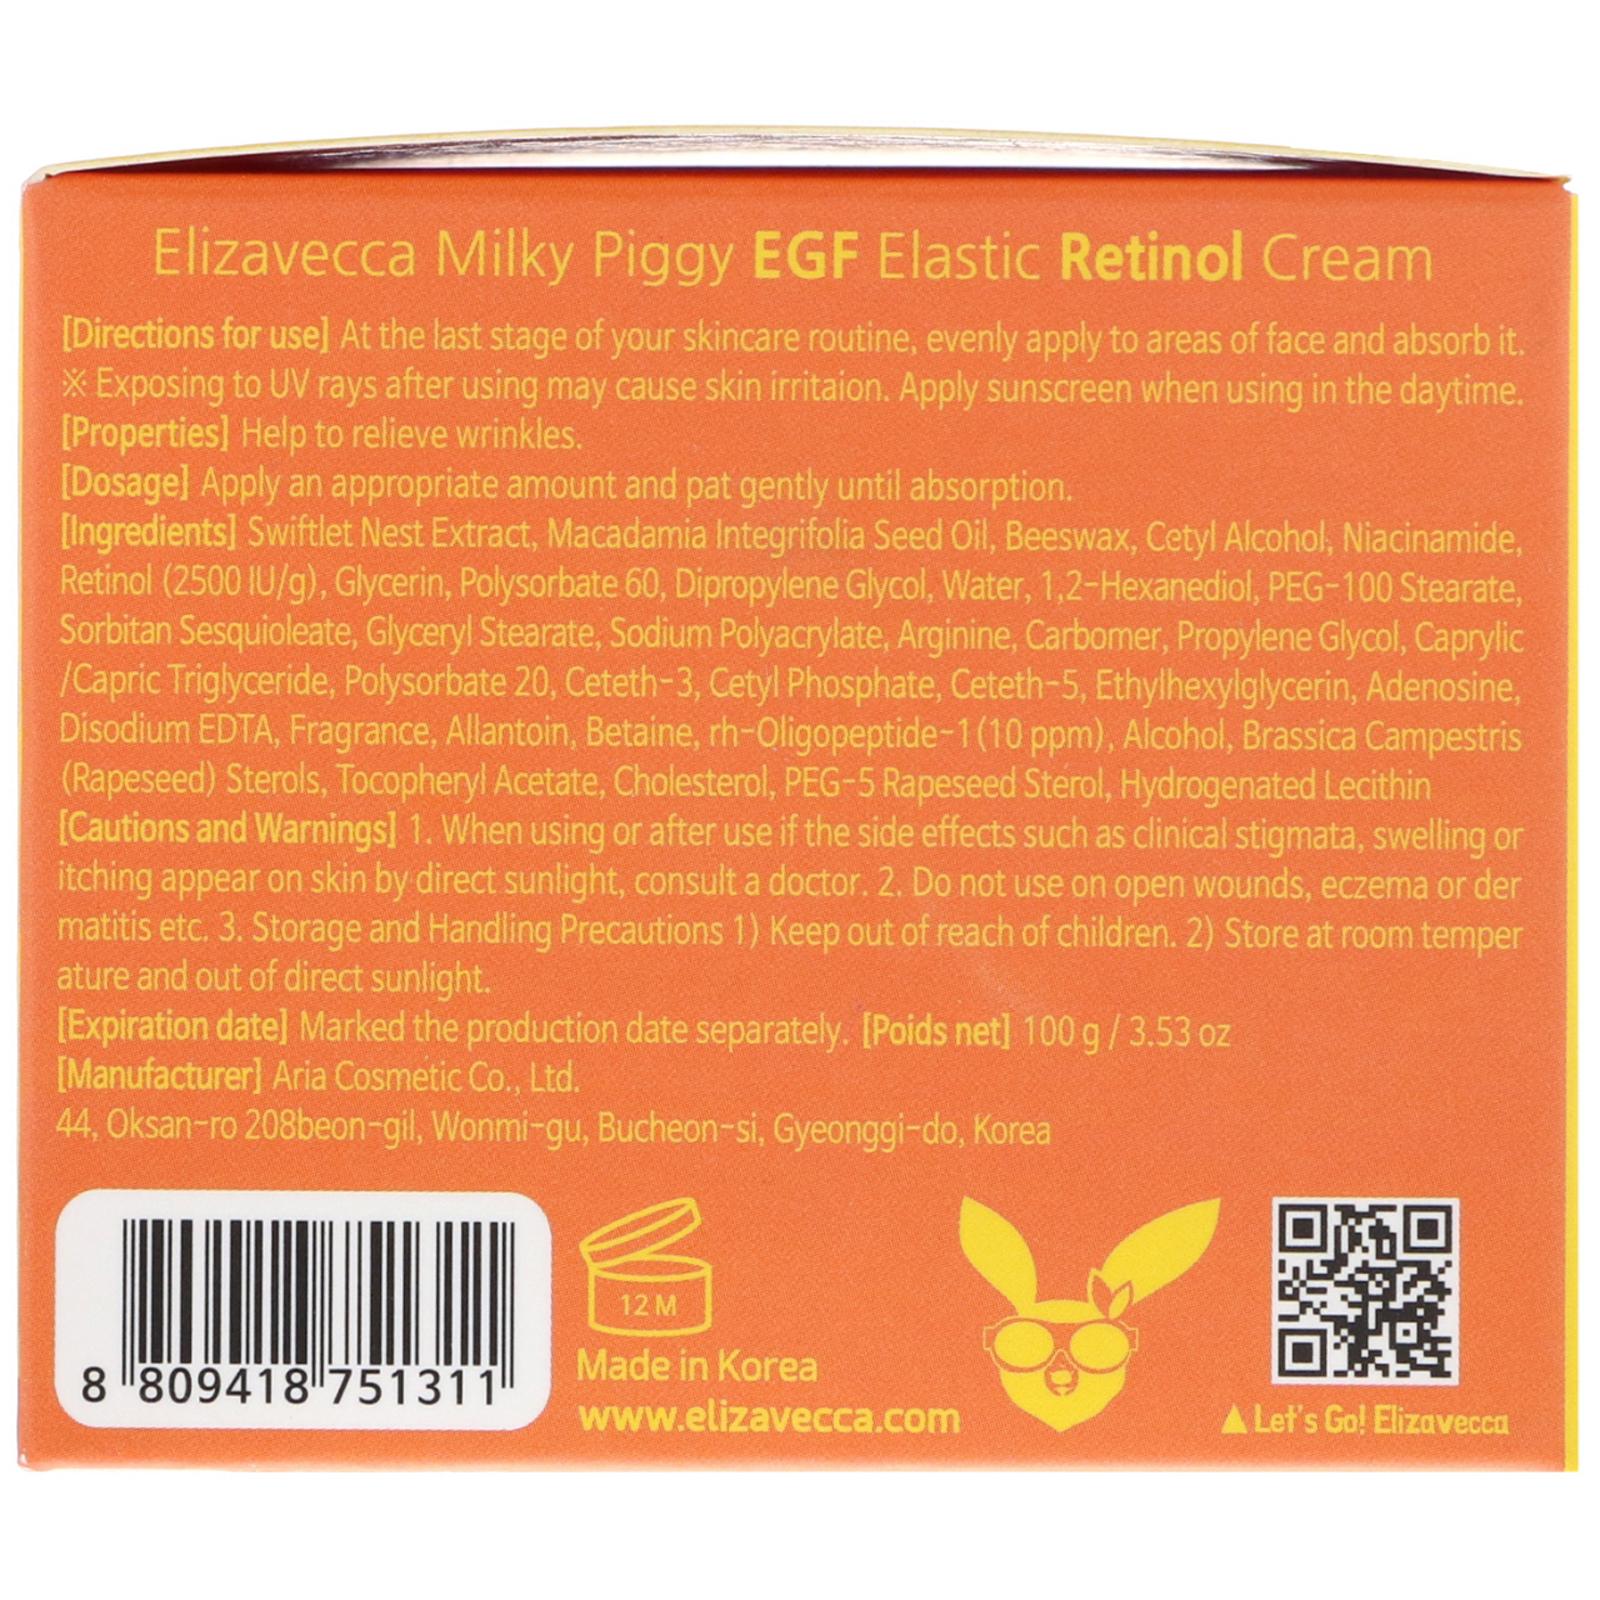 Elizavecca, Milky Piggy EGF Elastic Retinol Cream, 3 53 oz